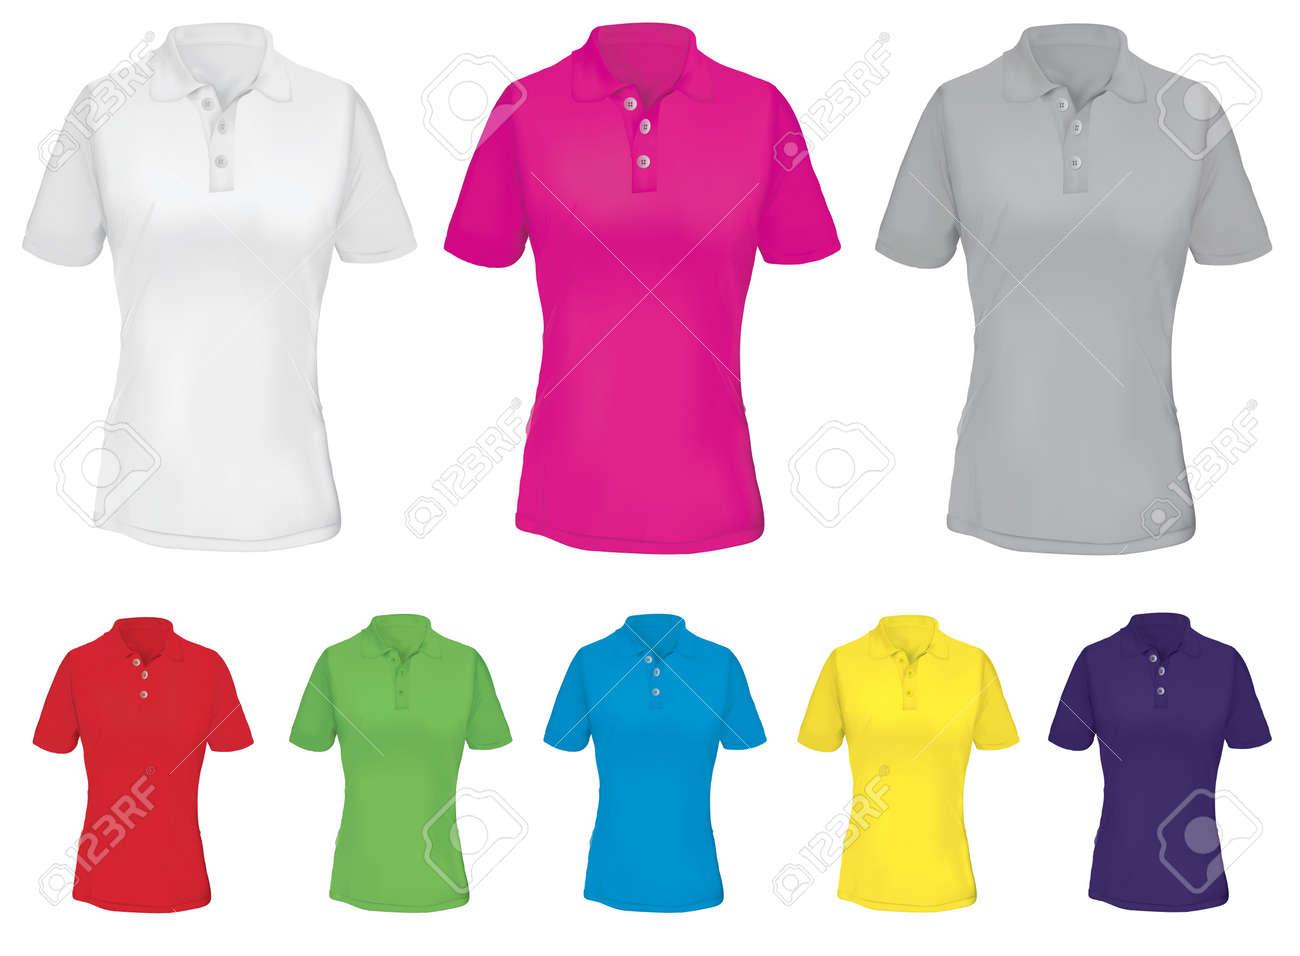 Polo Shirt Vorlage Für Frau In Vielen Farben. Lizenzfrei Nutzbare ...